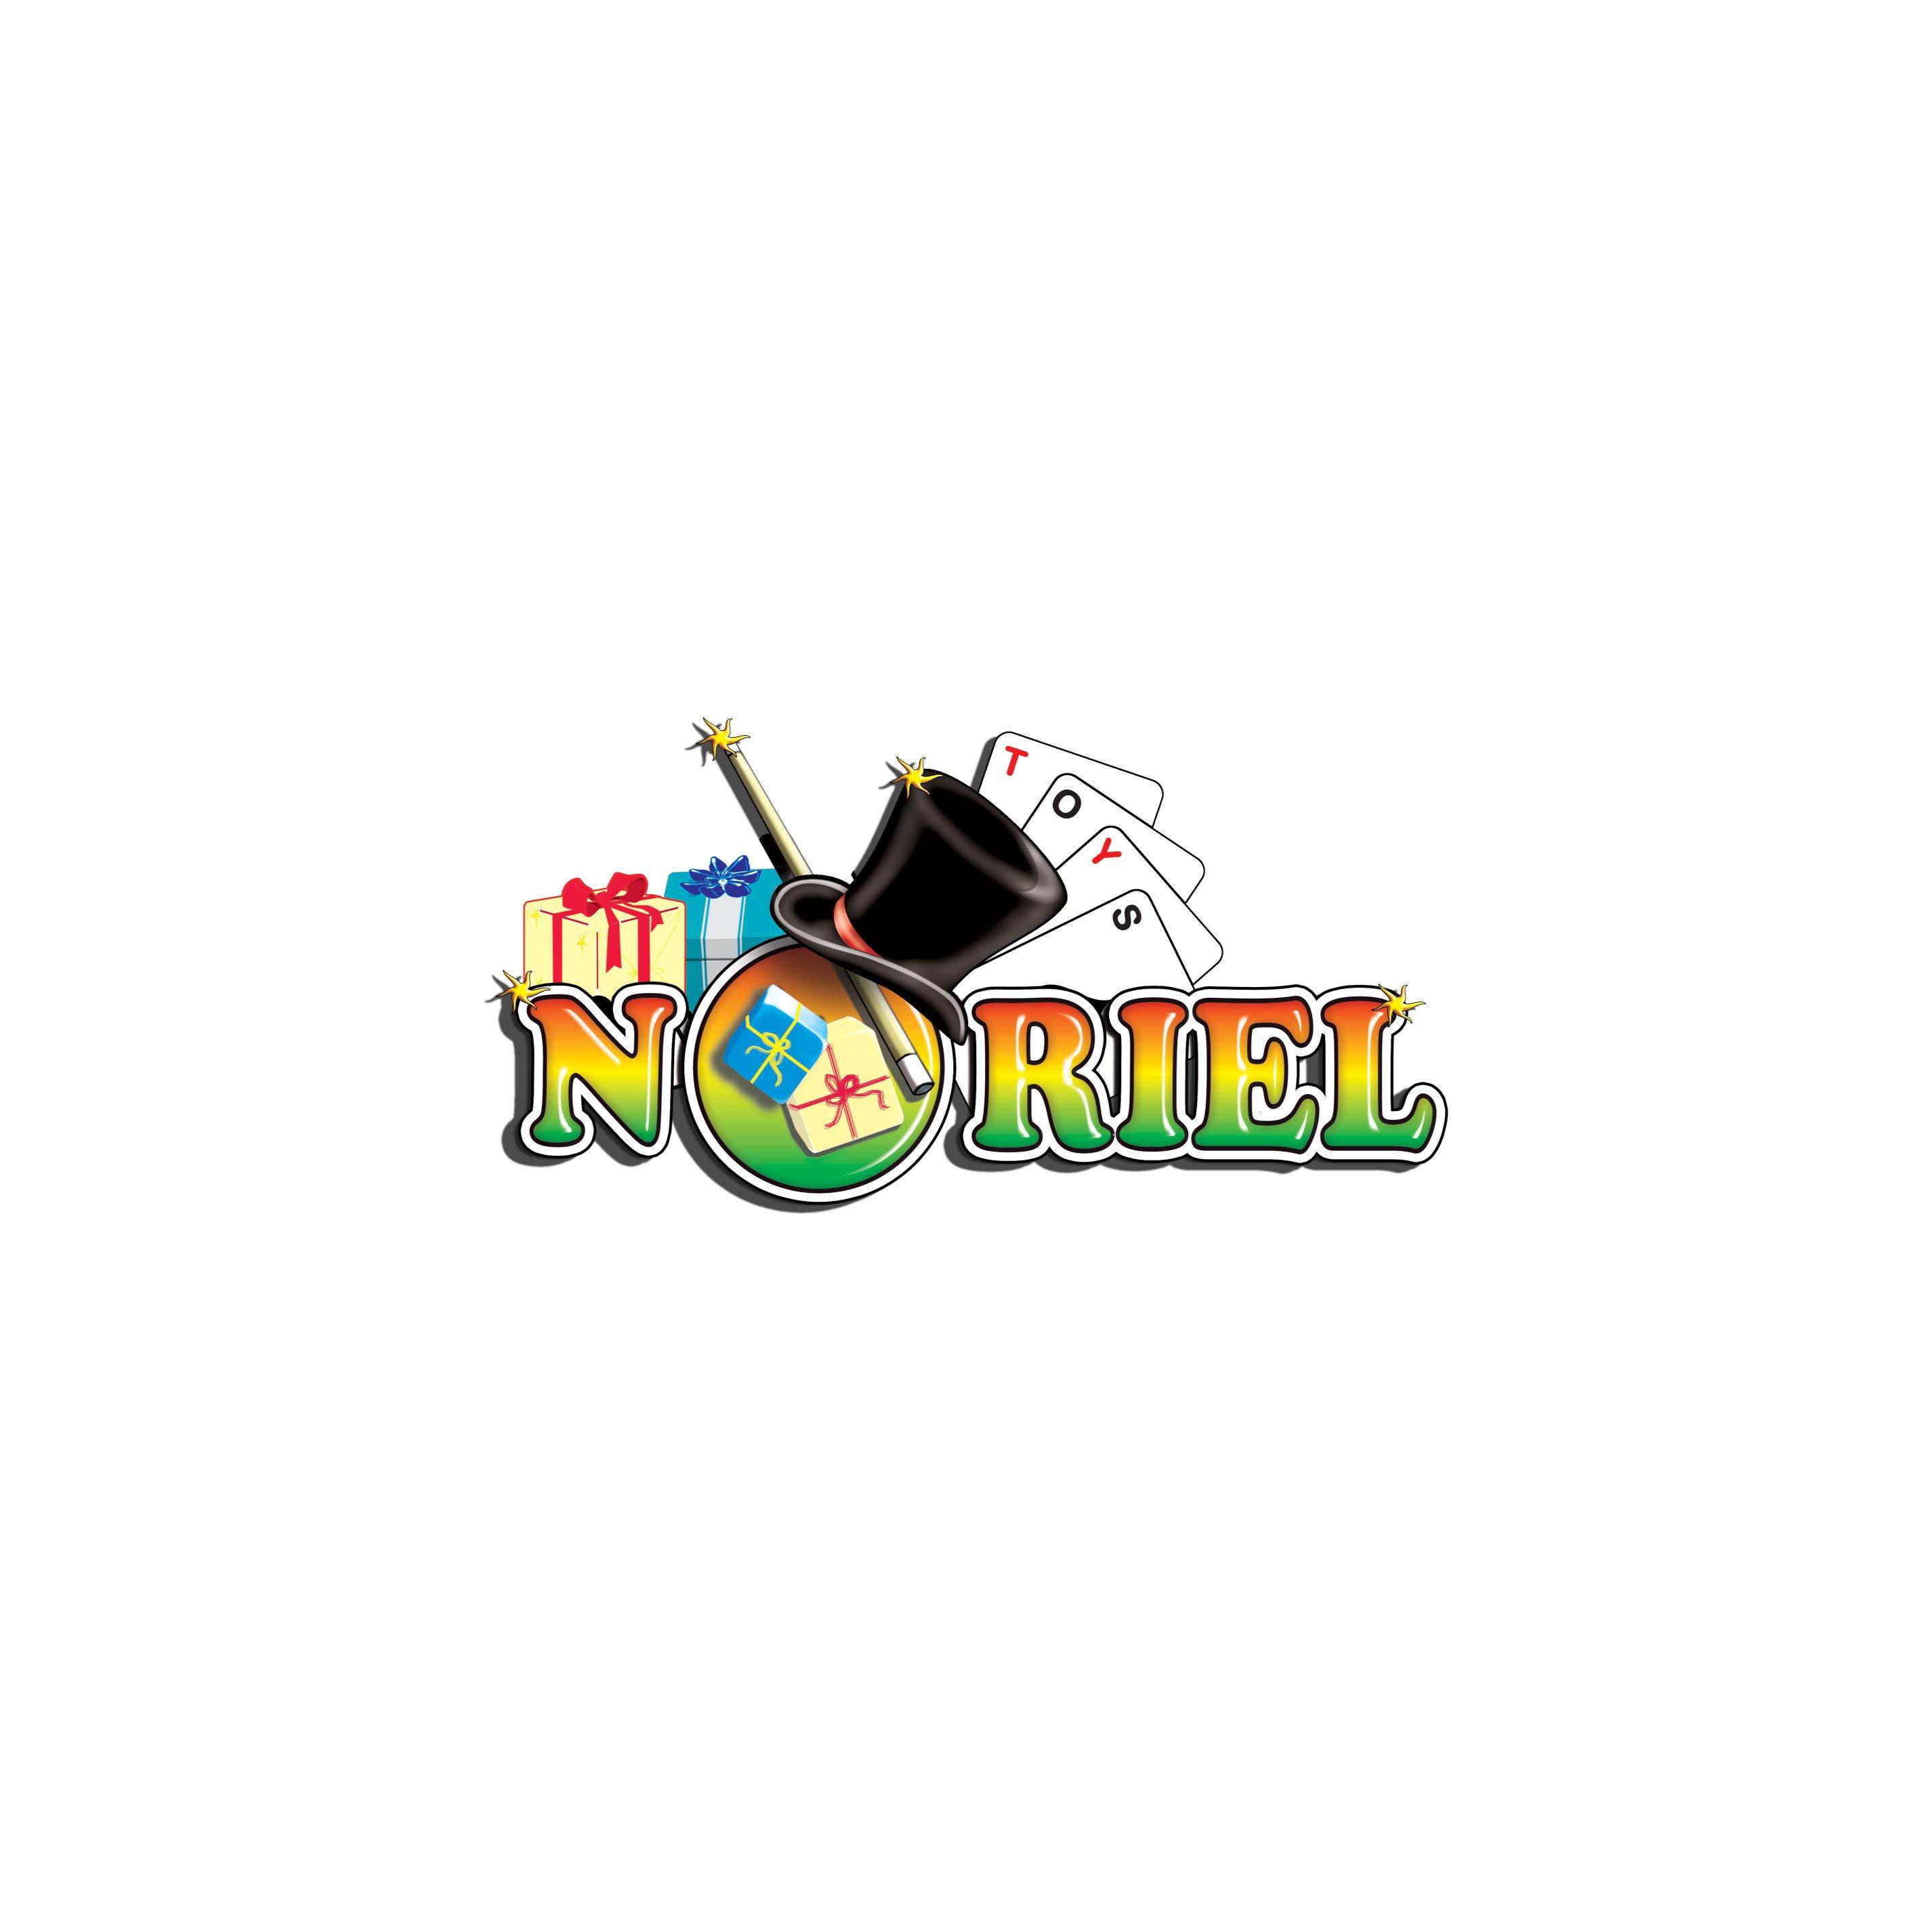 DK000510953_001w Set stickere Tom and Jerry, 10 x 22 cm